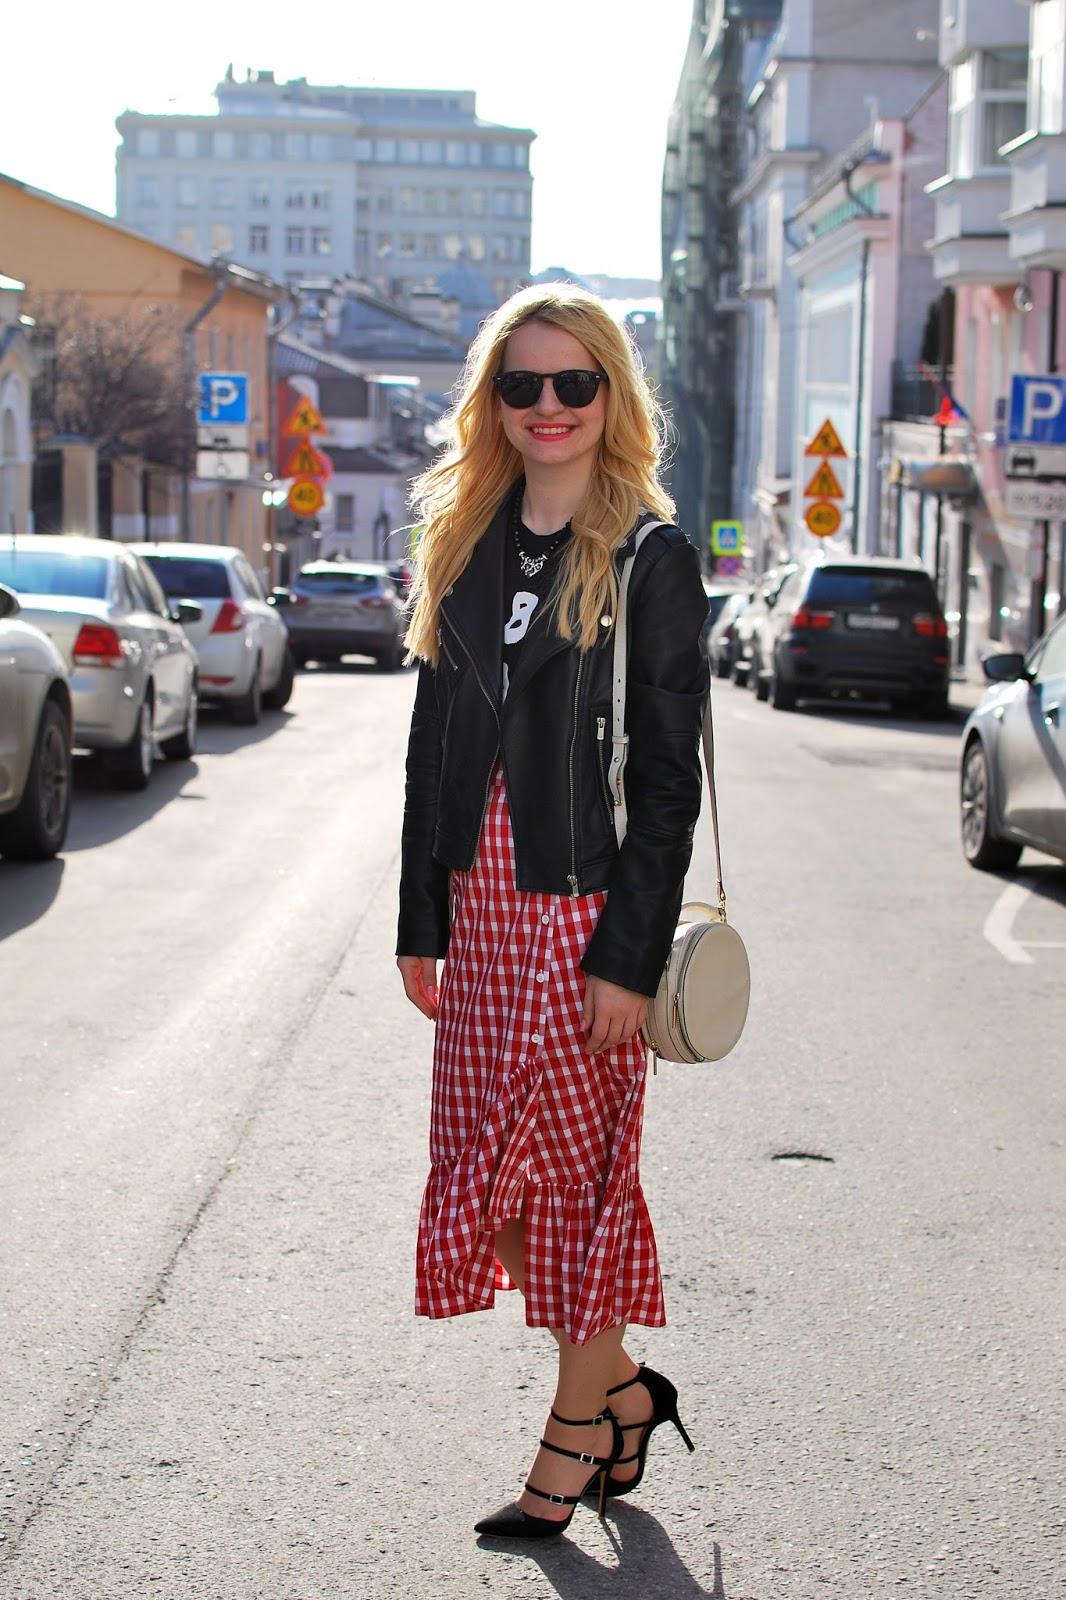 модные тенденции фото,  модный лук, лук весна, лук лето, модные тренды клетка